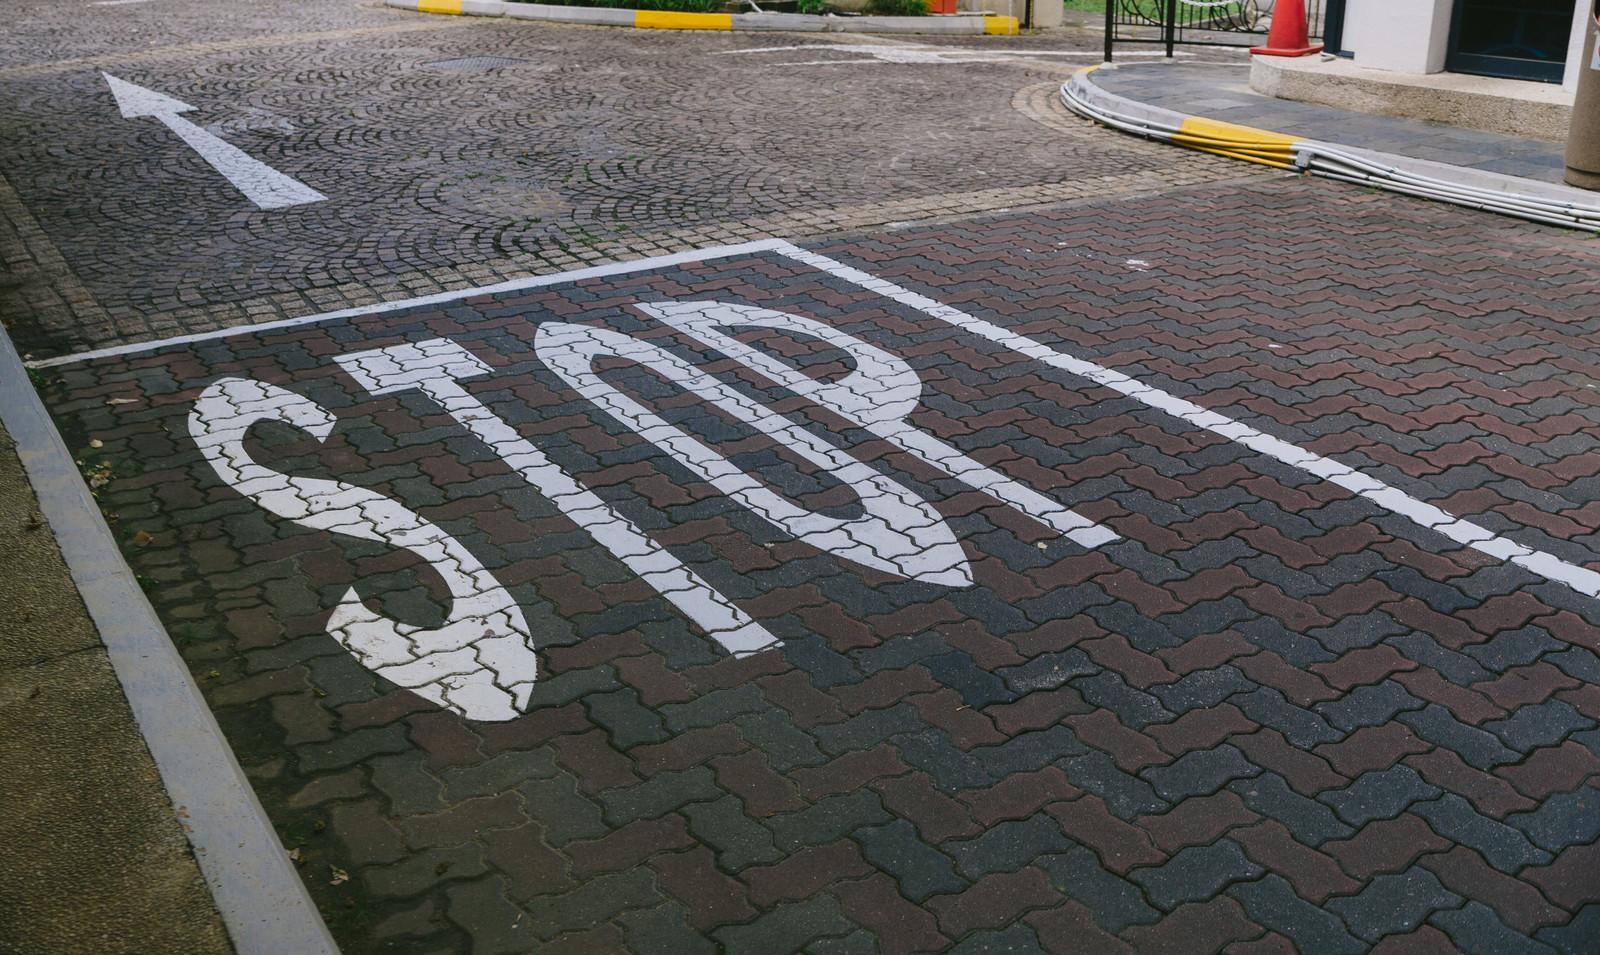 stopの道路標示